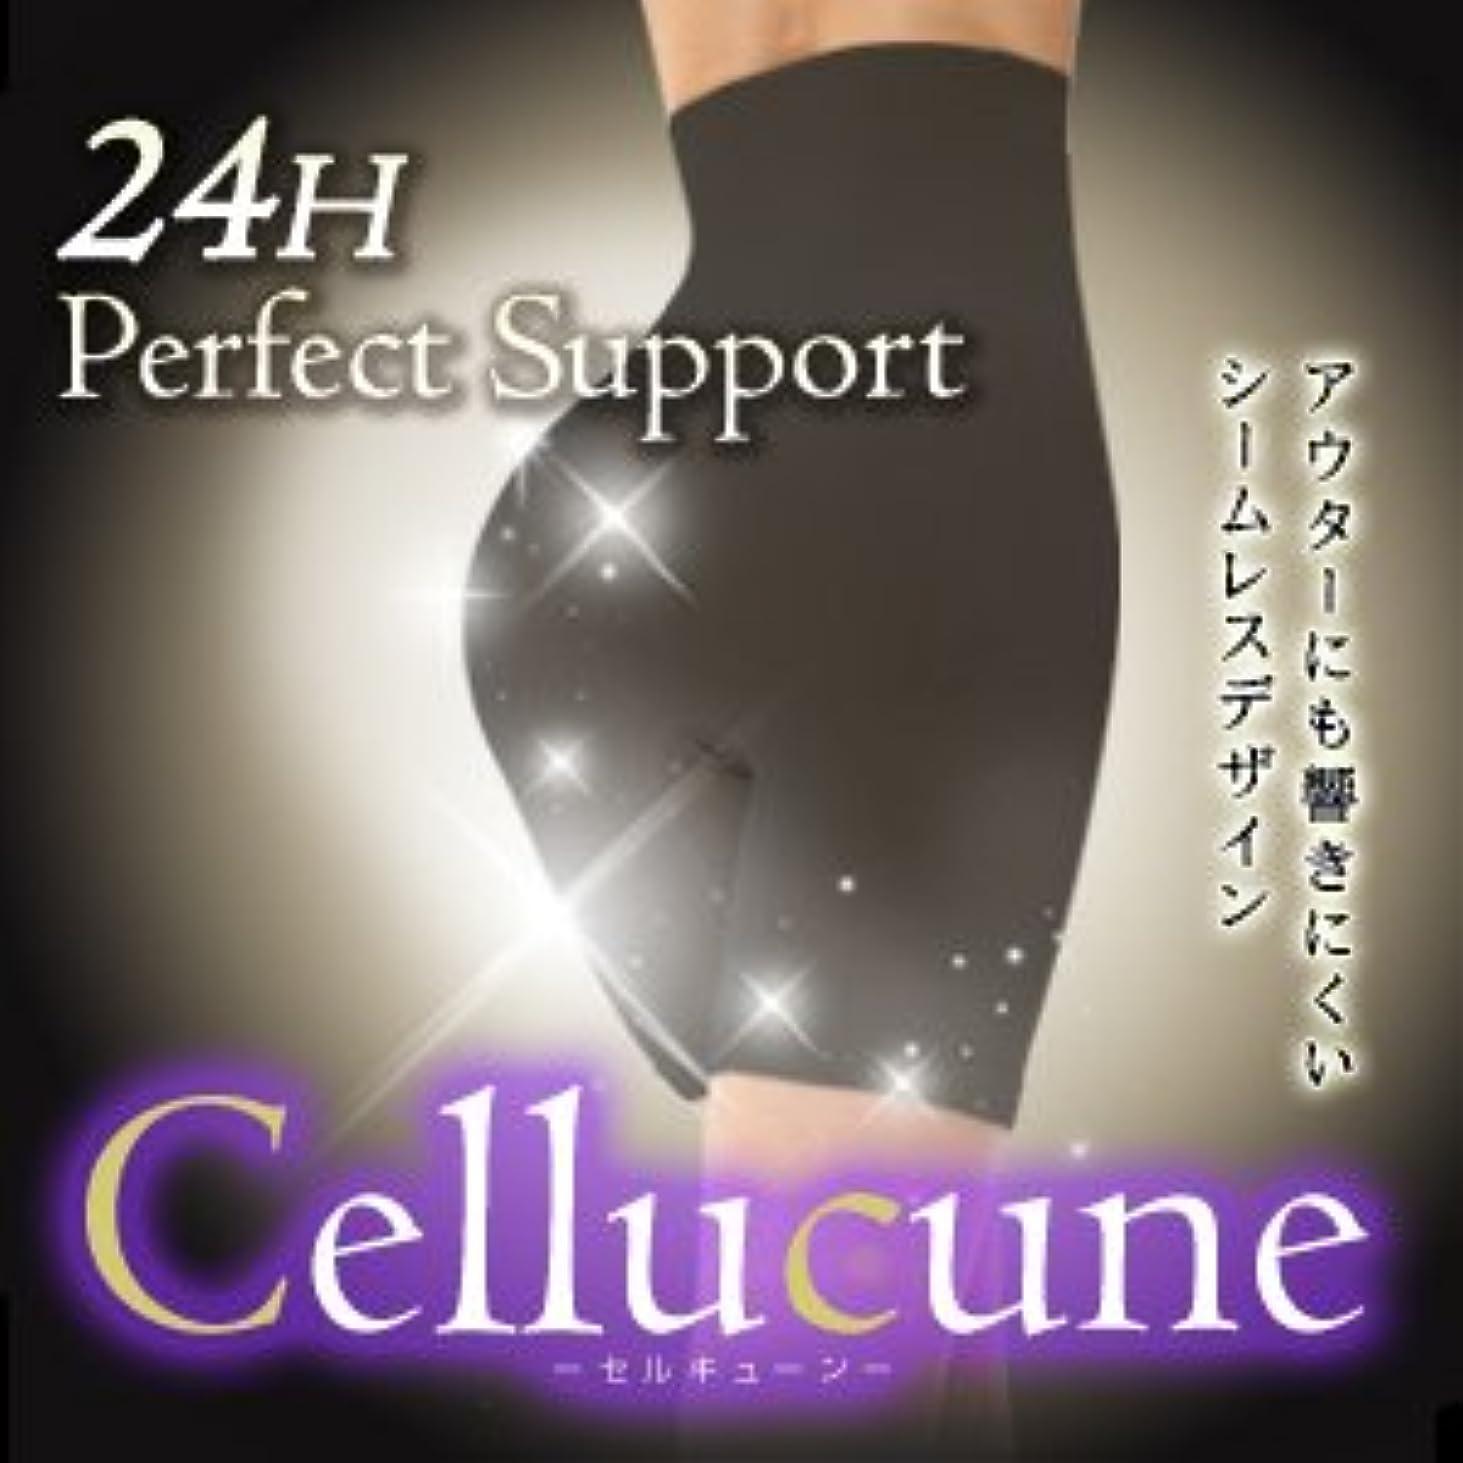 スペクトラム引き出すより多い【M-L】セルキューン -Cellucune- 痩身特化骨盤補正ショーツ